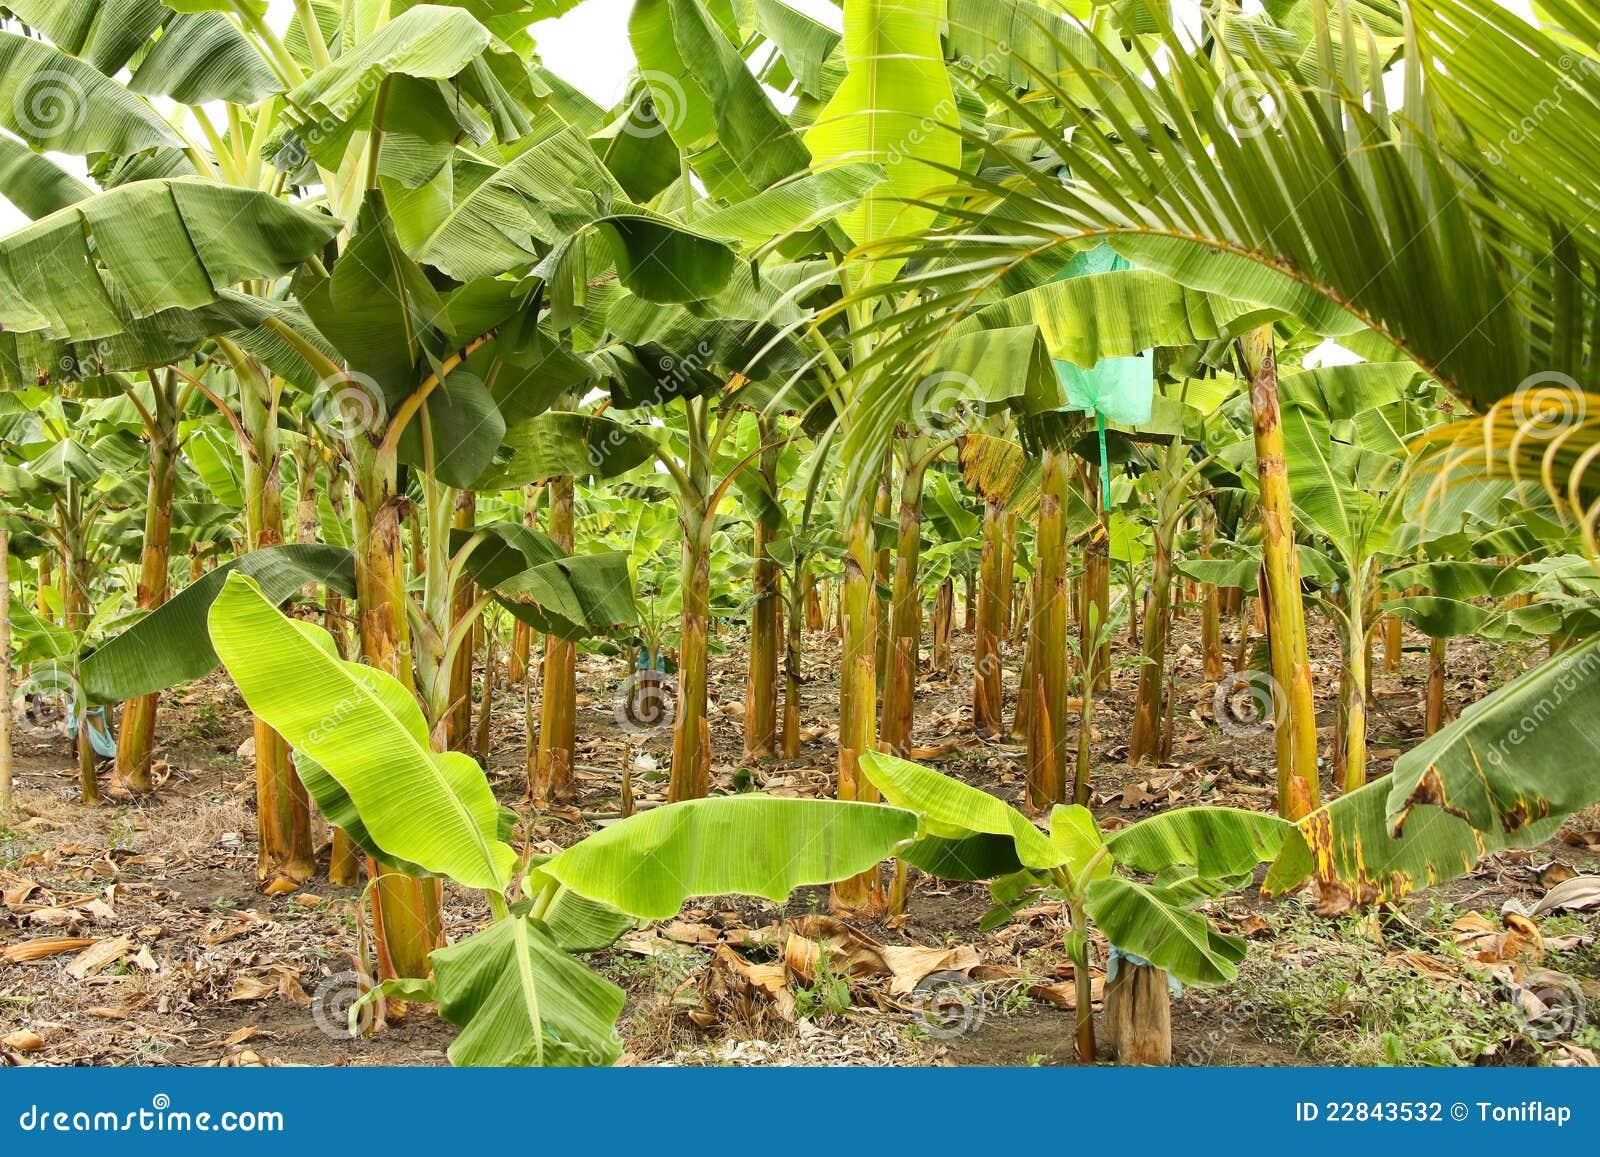 banana tree - photo #45